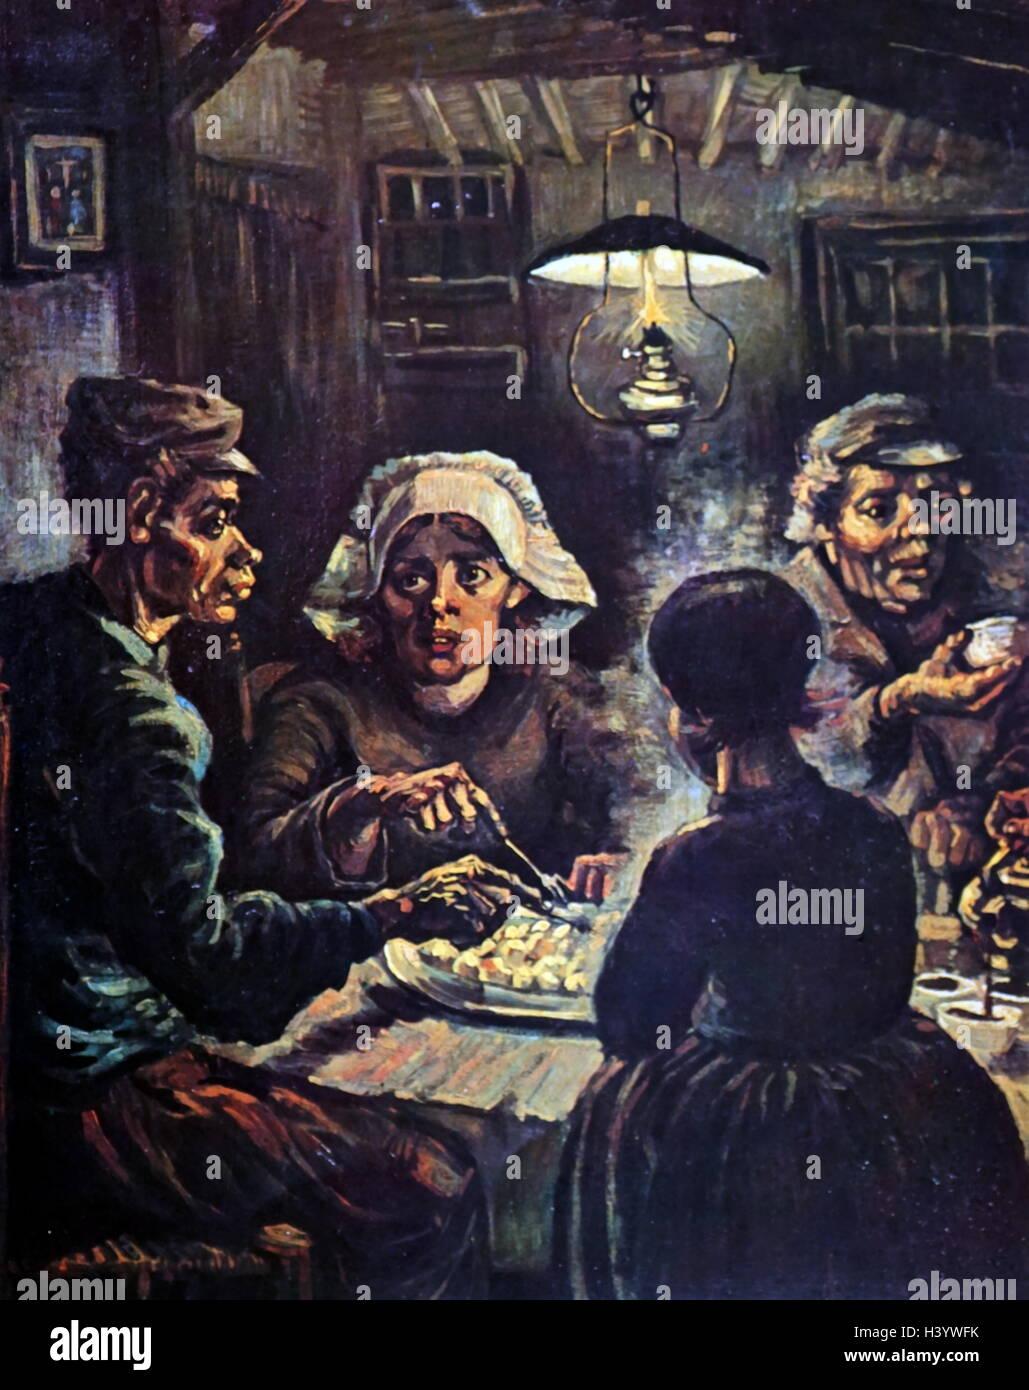 Les Mangeurs De Pommes De Terre : mangeurs, pommes, terre, Peinture, Intitulée, Mangeurs, Pommes, Terre', Vincent, (1853-1890), Peintre, Postimpressionniste, Néerlandais., Siècle, Photo, Stock, Alamy